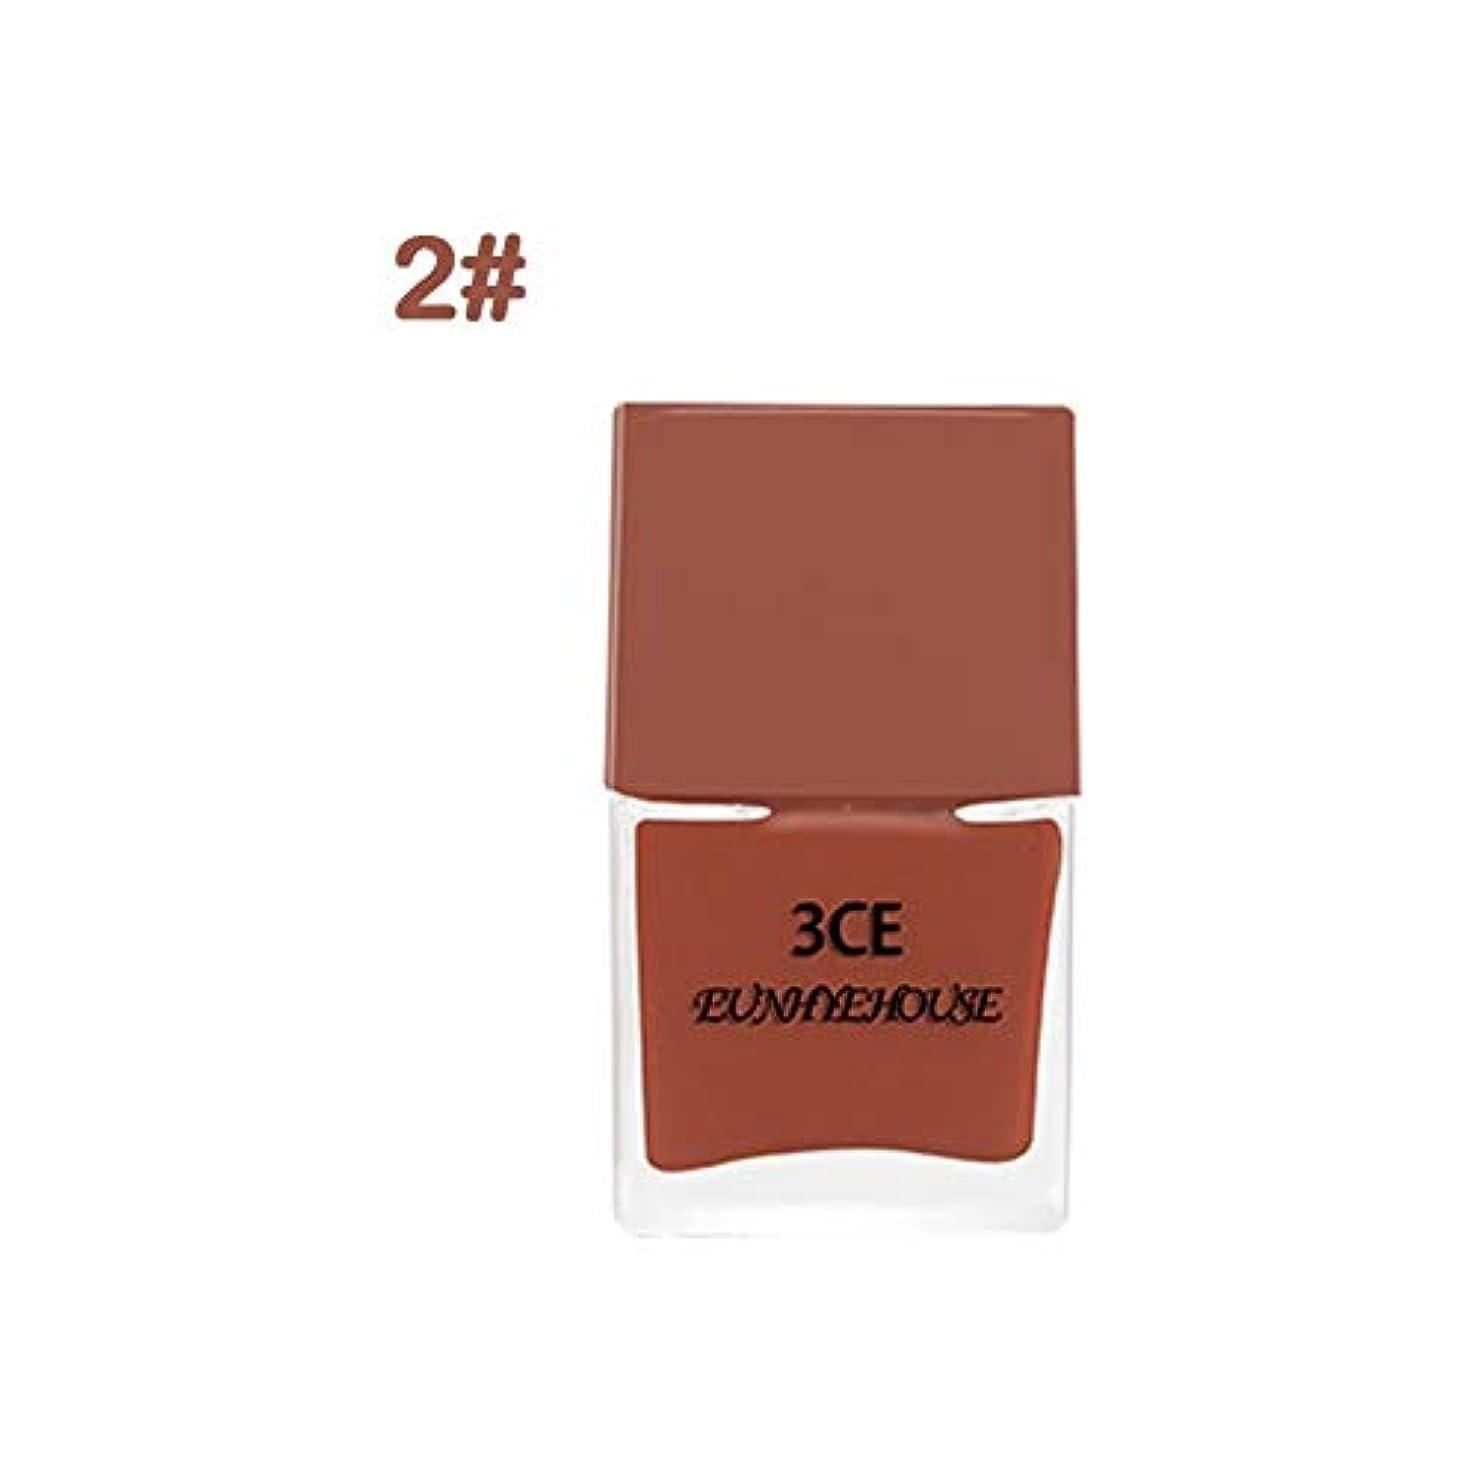 受信機技術的な飼い慣らす高品質 8色選べる ネイルポリッシュ ネイルカラー レッド パンプキンカラー 秋色 ネイルデコレーション ネイルジェル マニキュア 人気ネイル用品 junexi